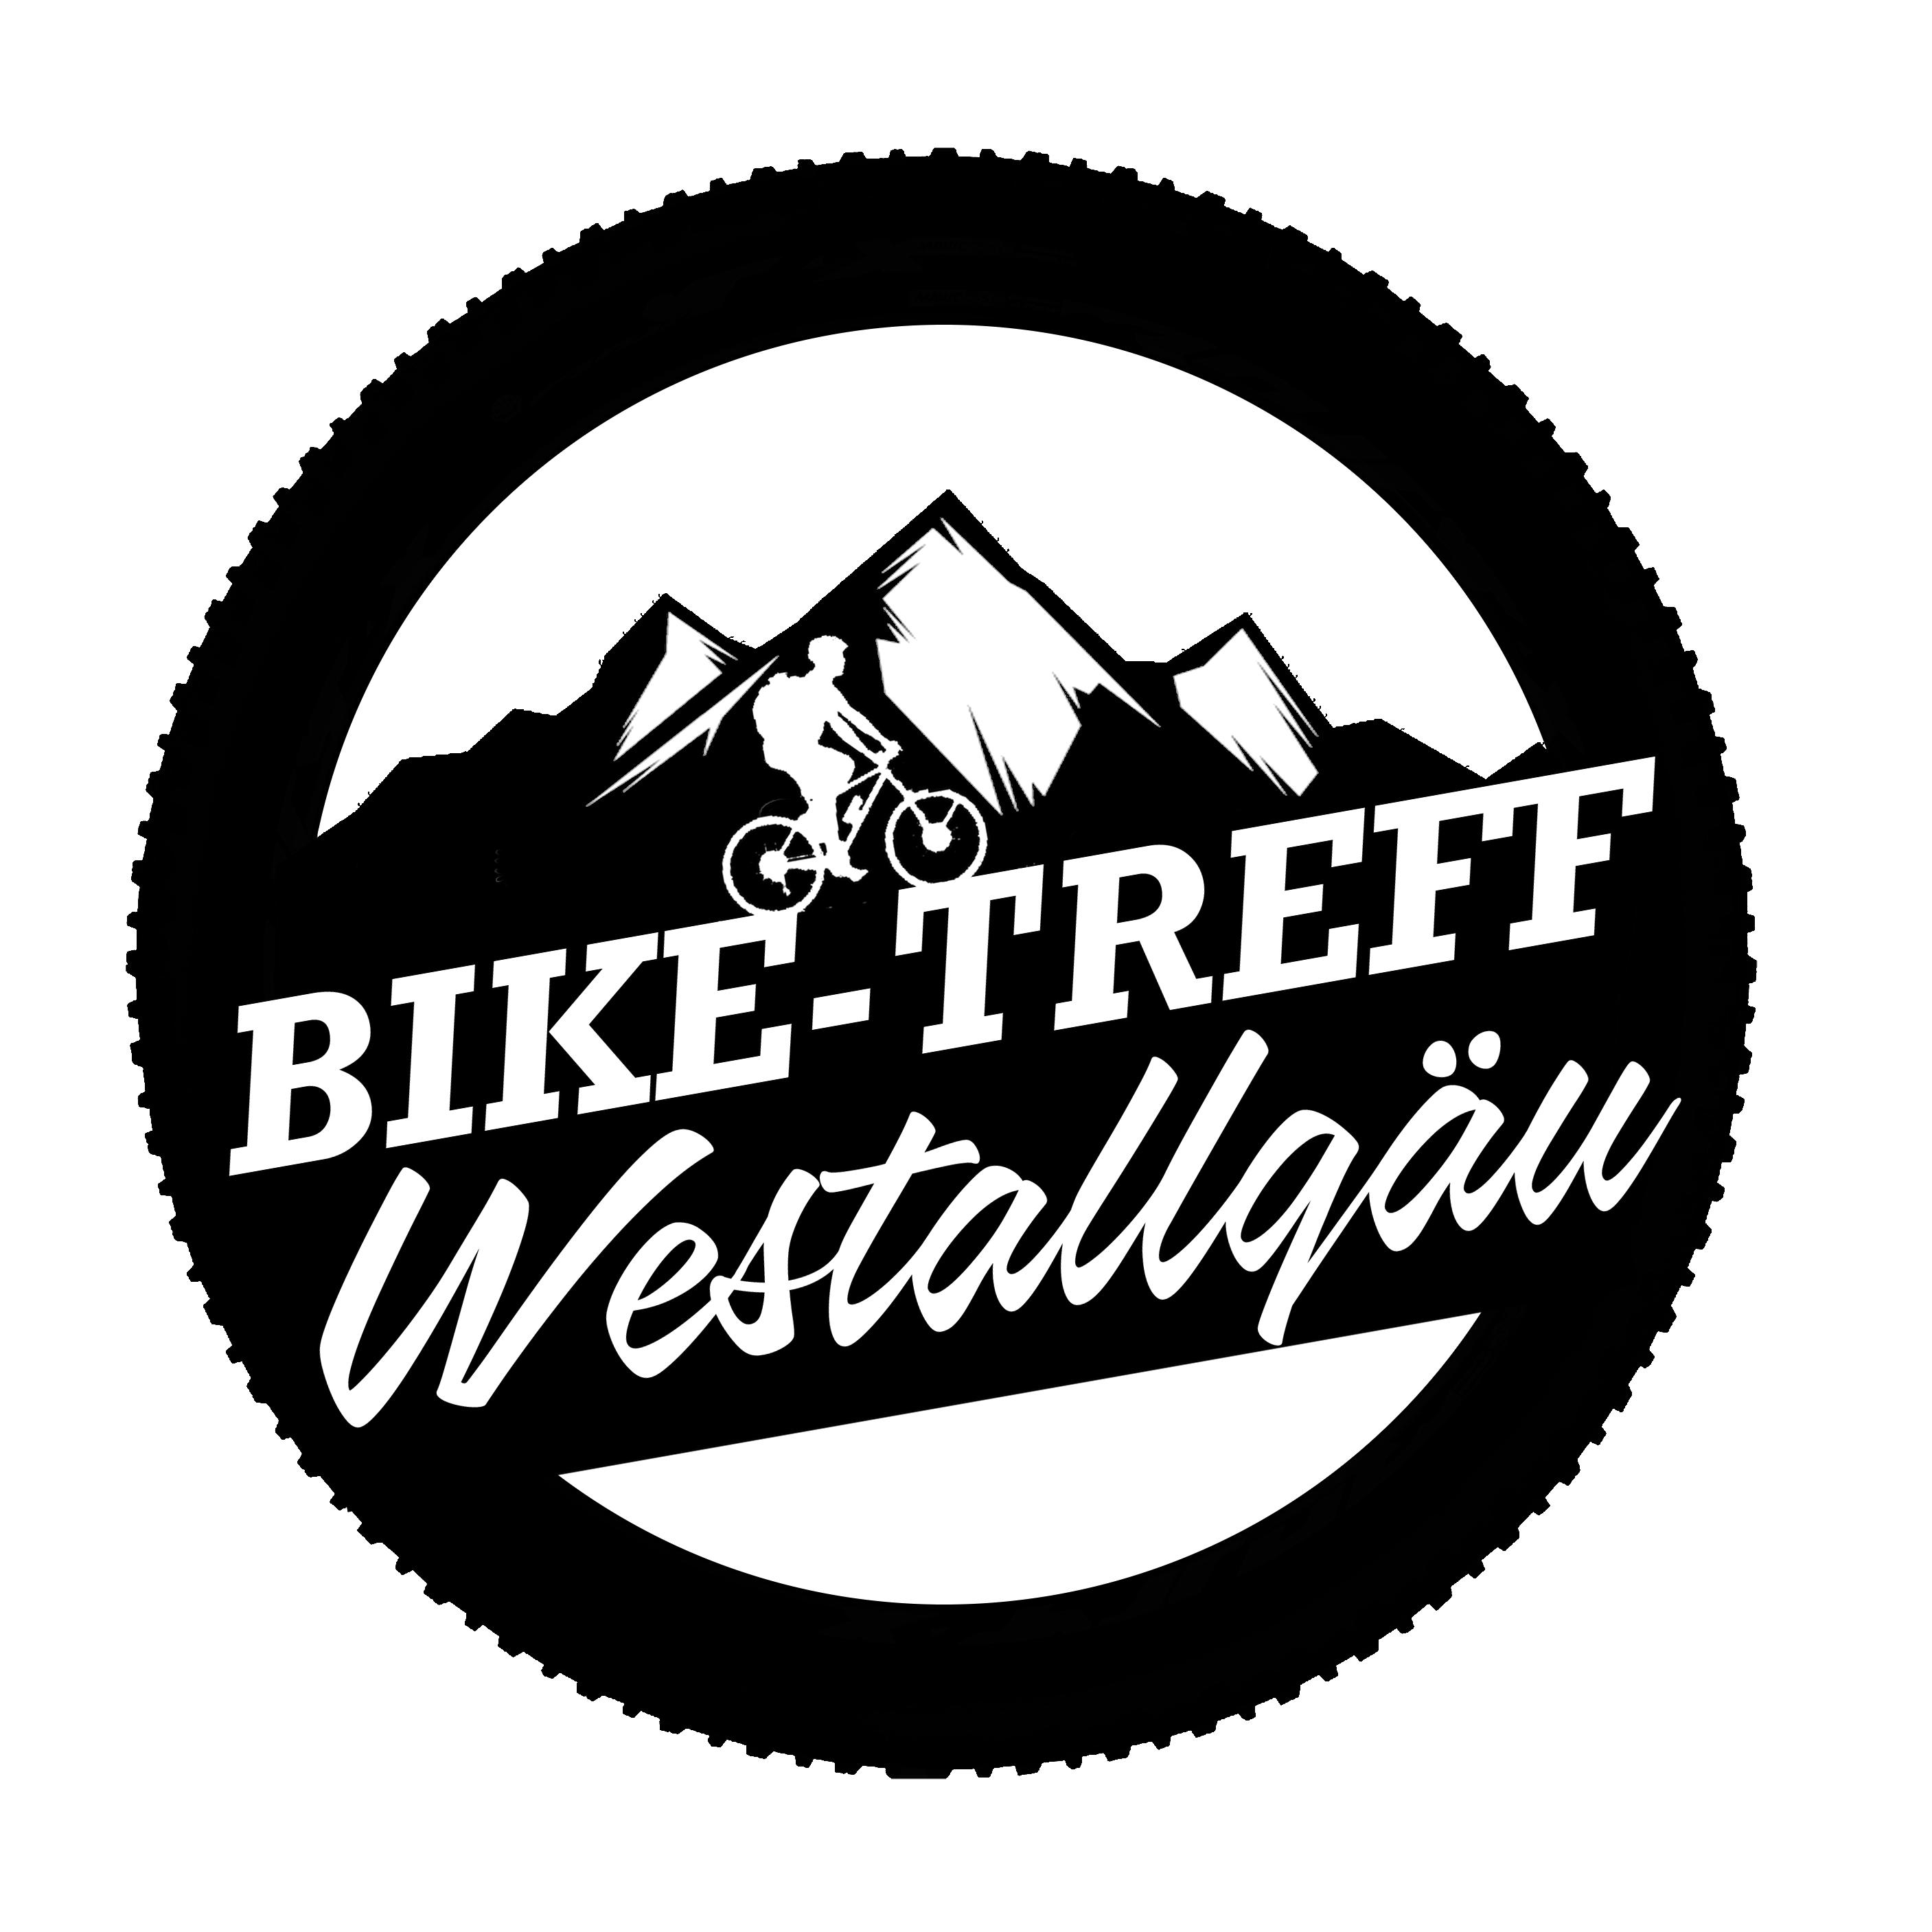 Logobiketreff